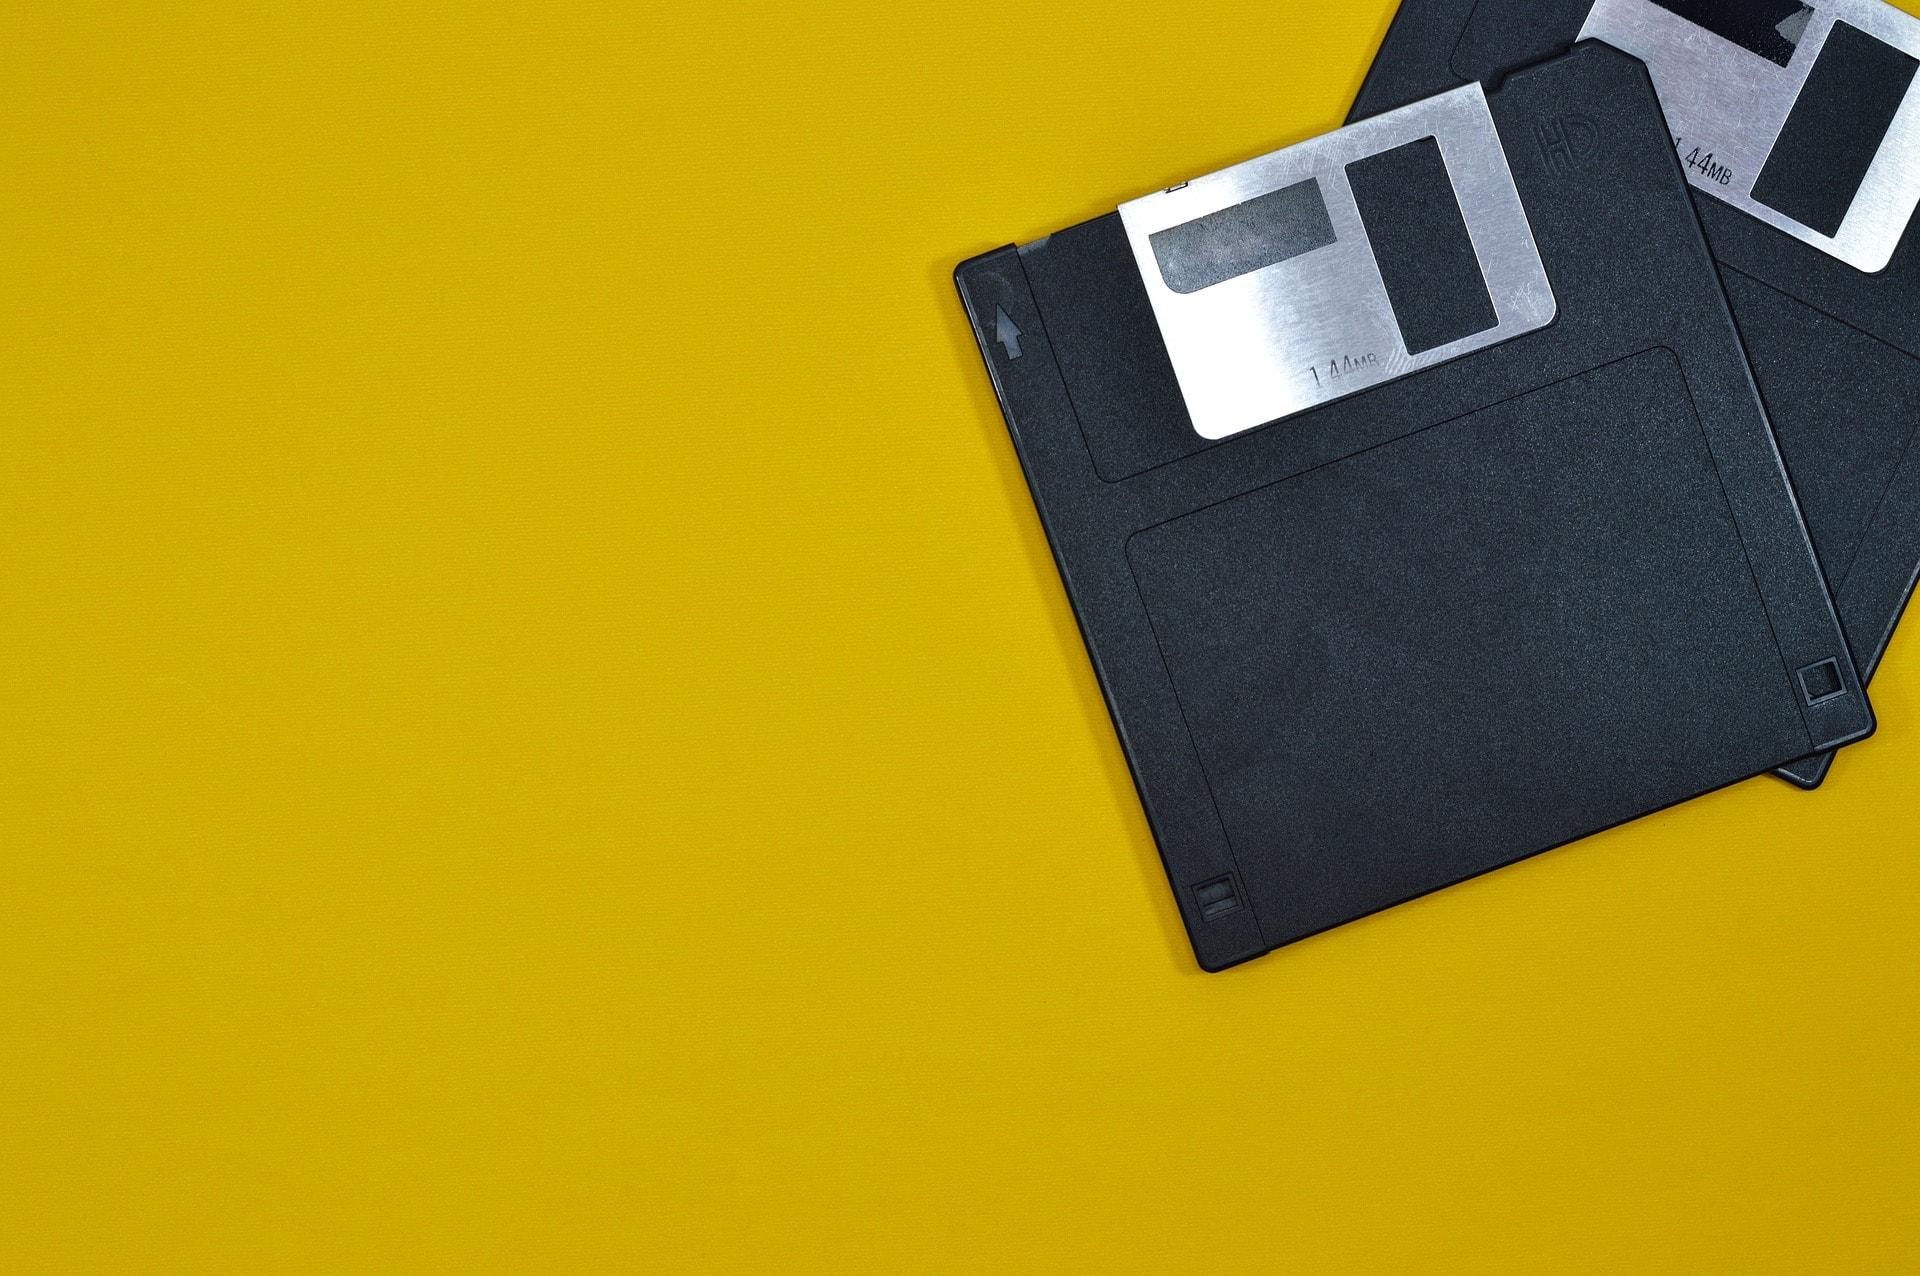 電子契約書でも税務調査に対応することは可能?具体的な要件も解説